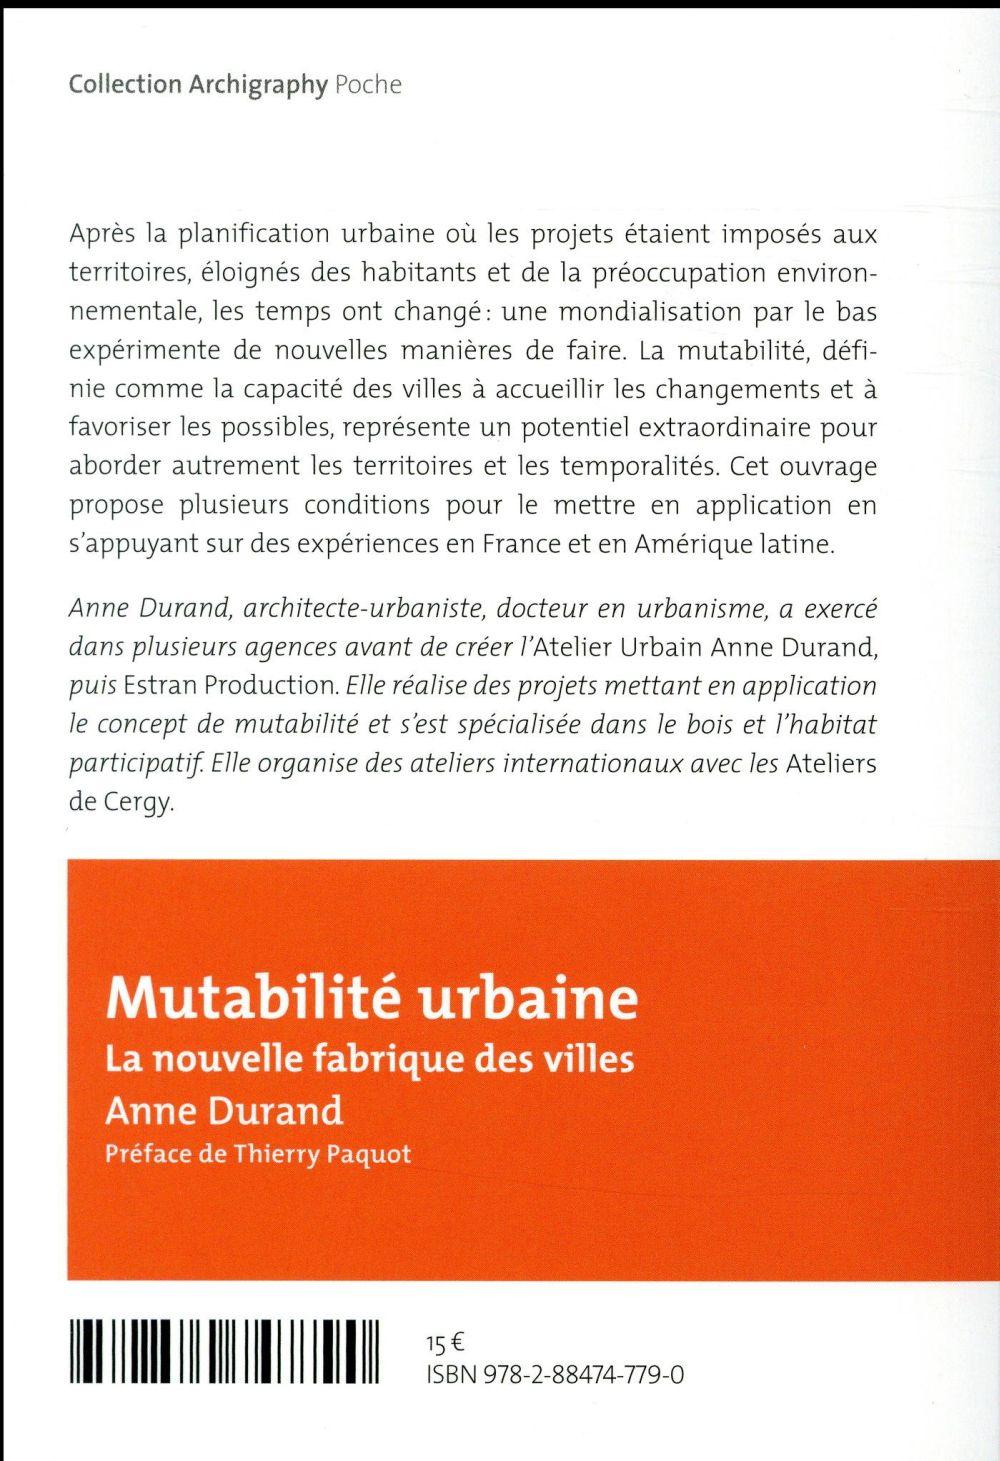 mutabilité urbaine ; la nouvelle fabrique des villes